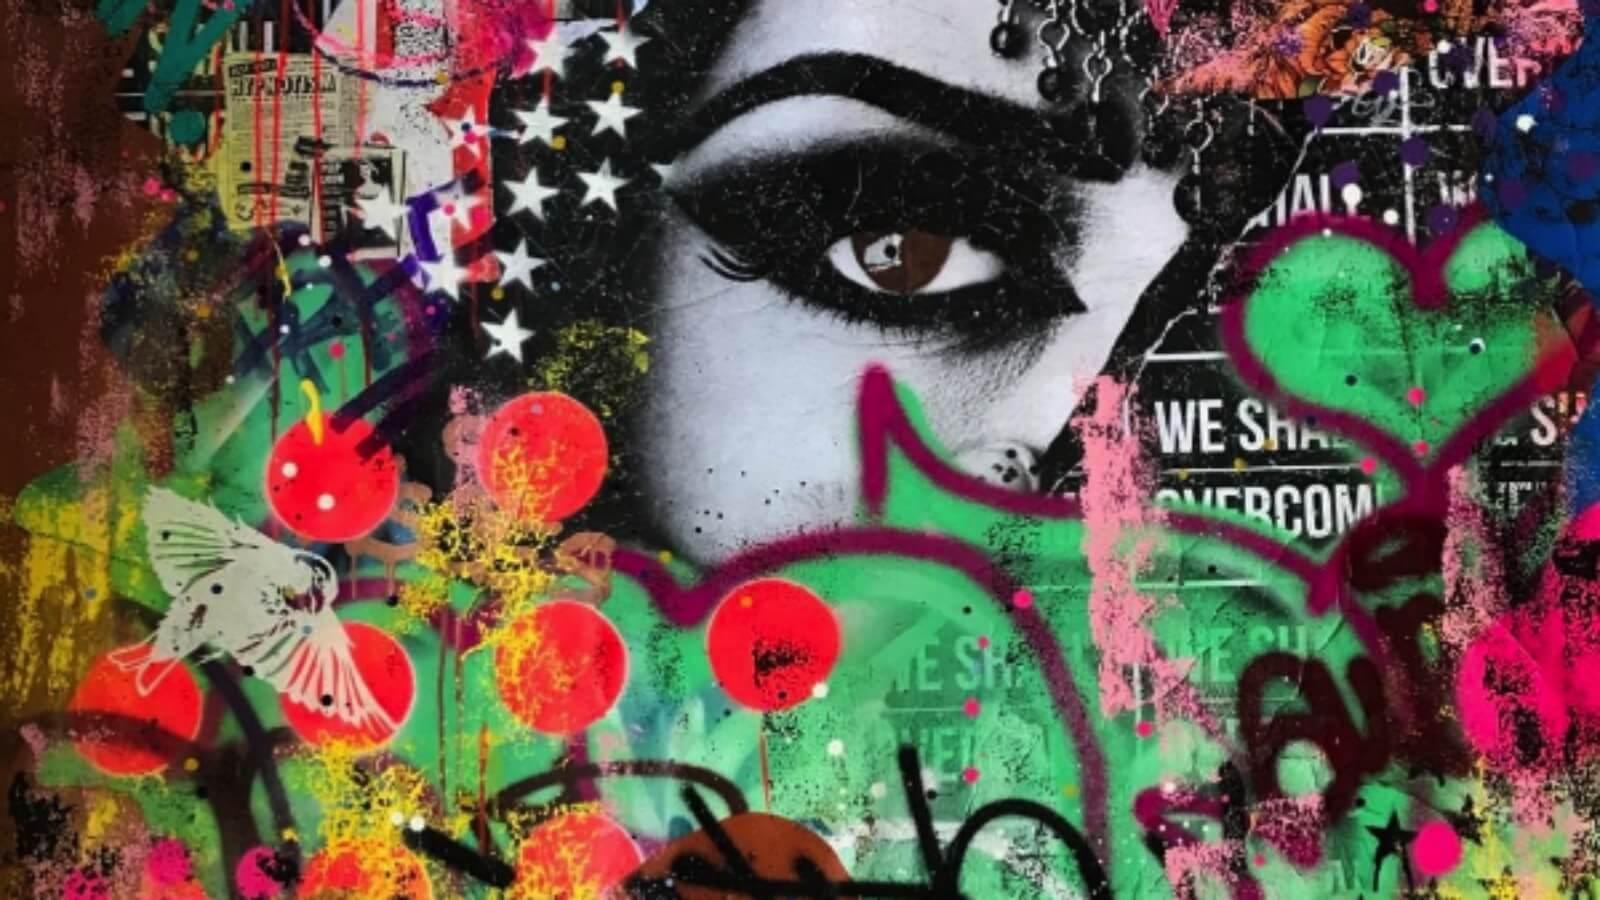 Las 10 mejores artistas del street art 2017